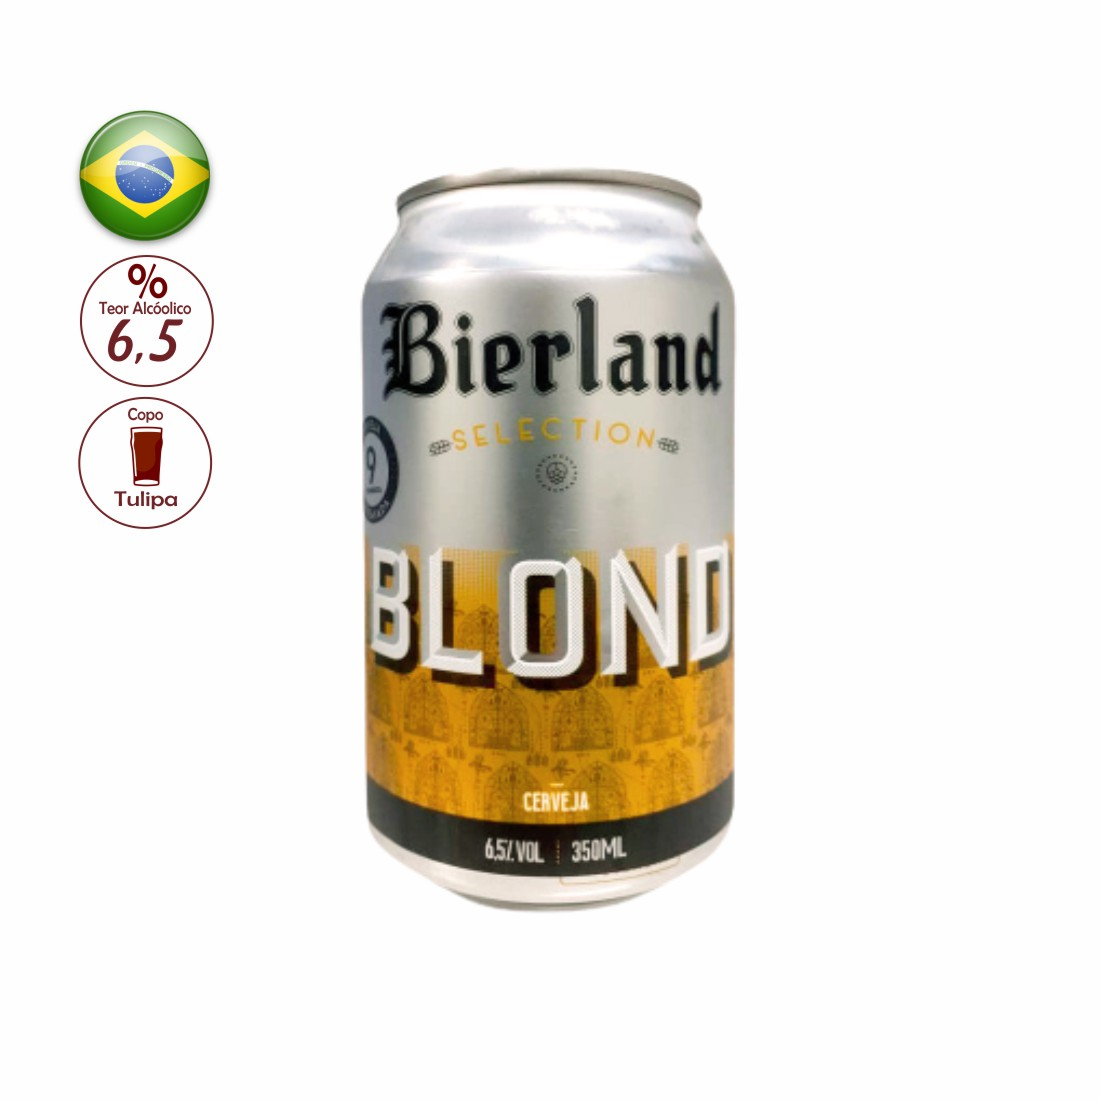 CERVEJA BIERLAND 350 ML SELECTION BLOND